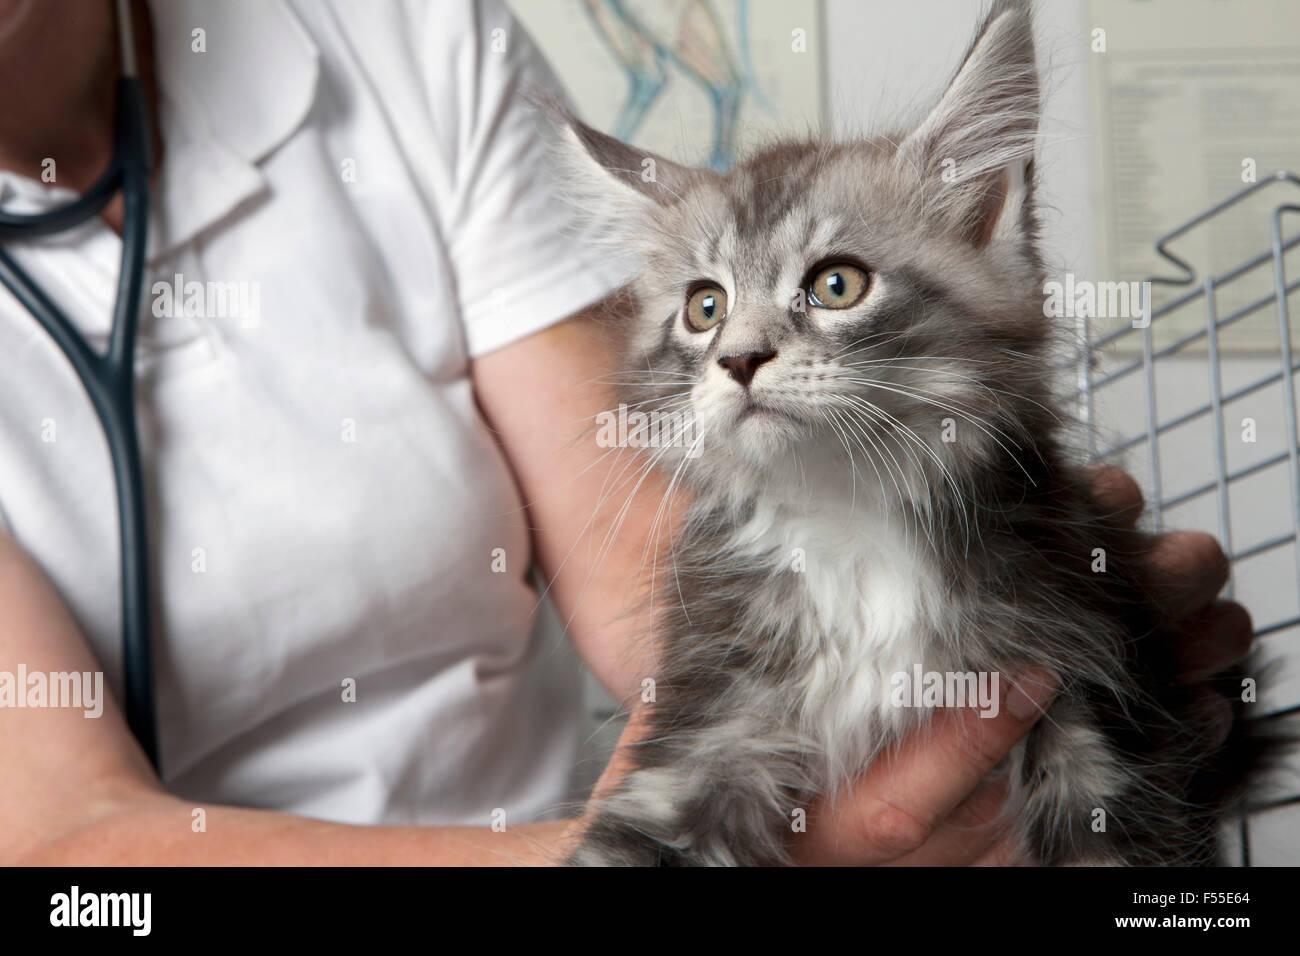 Mittelteil der Tierarzt Holding Katze in Klinik Stockbild